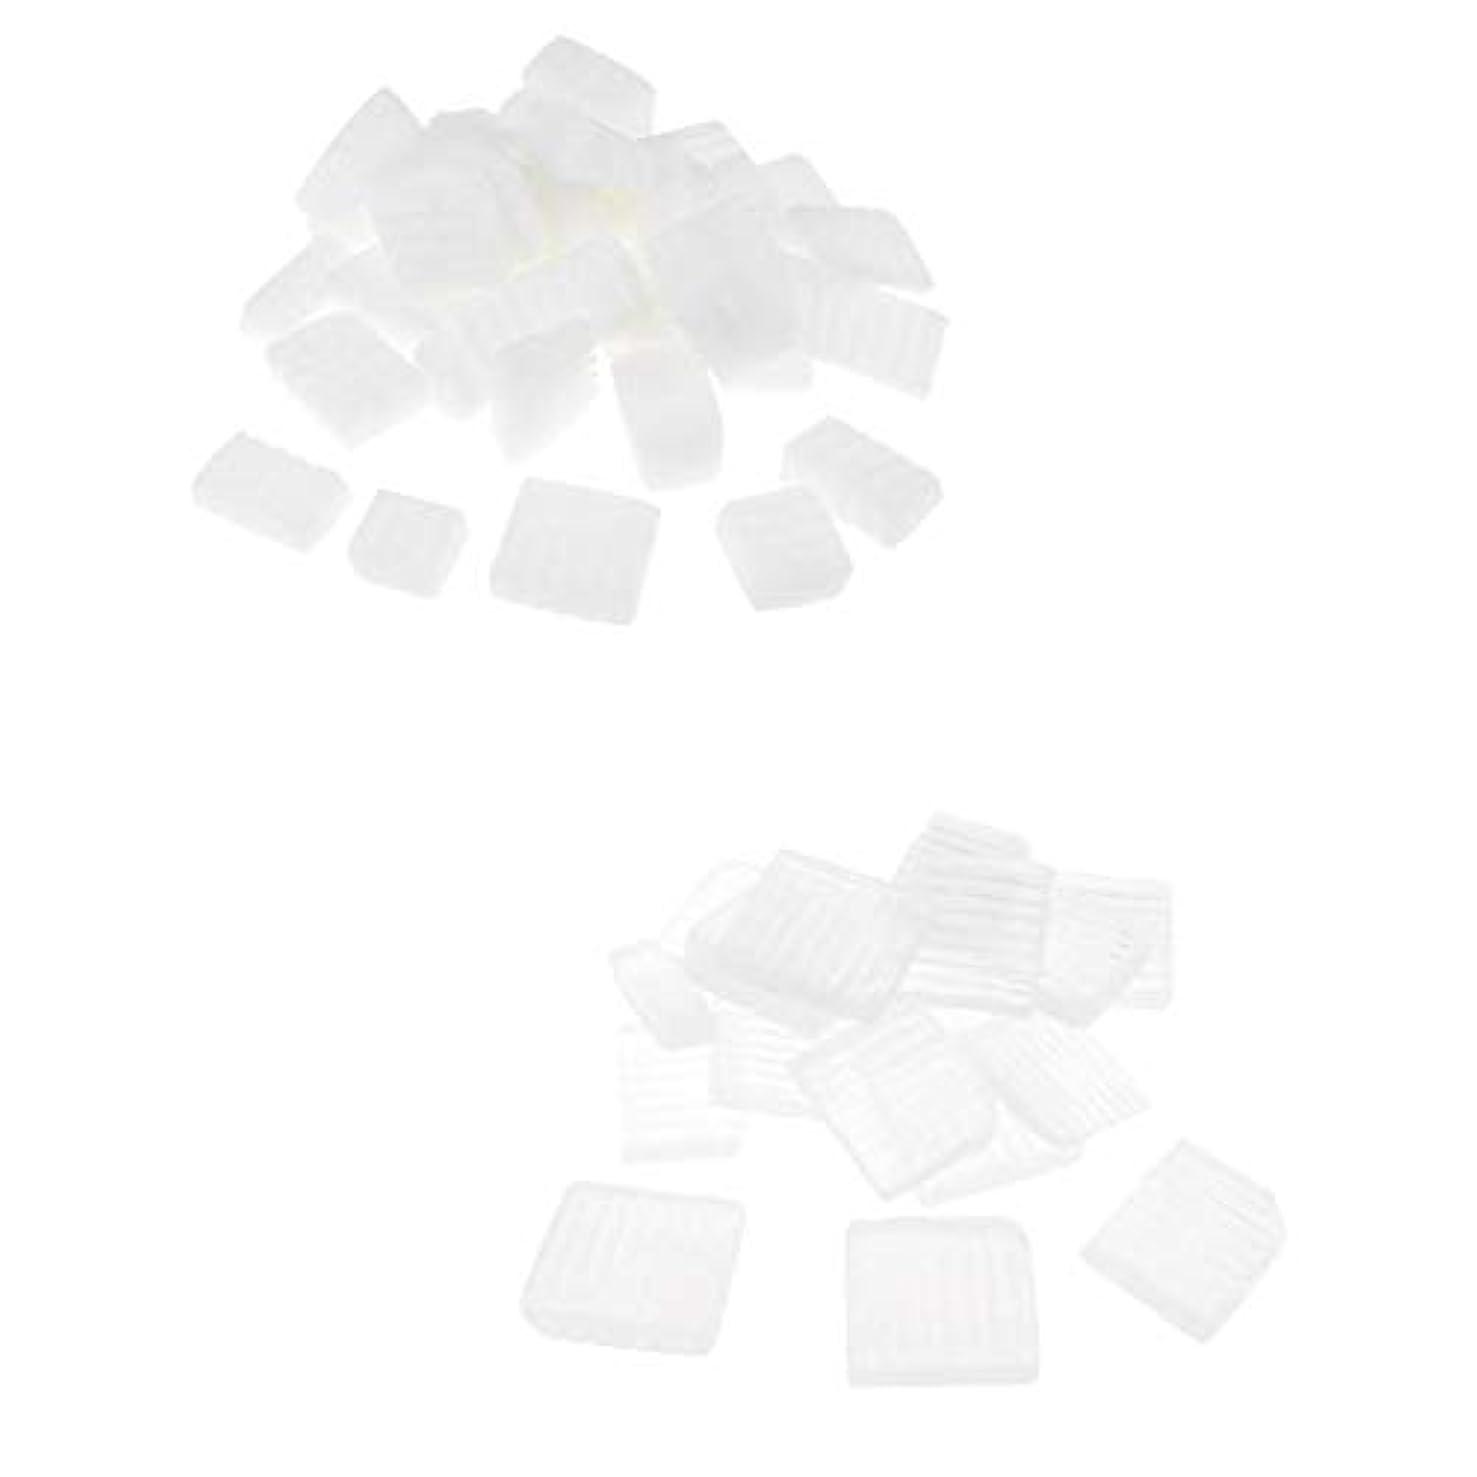 断線クライアントこするFLAMEER 固形せっけん 石鹸ベース 2KG ホワイトクリア DIY製造 工芸品 ハンドメイド 石鹸原料 耐久性